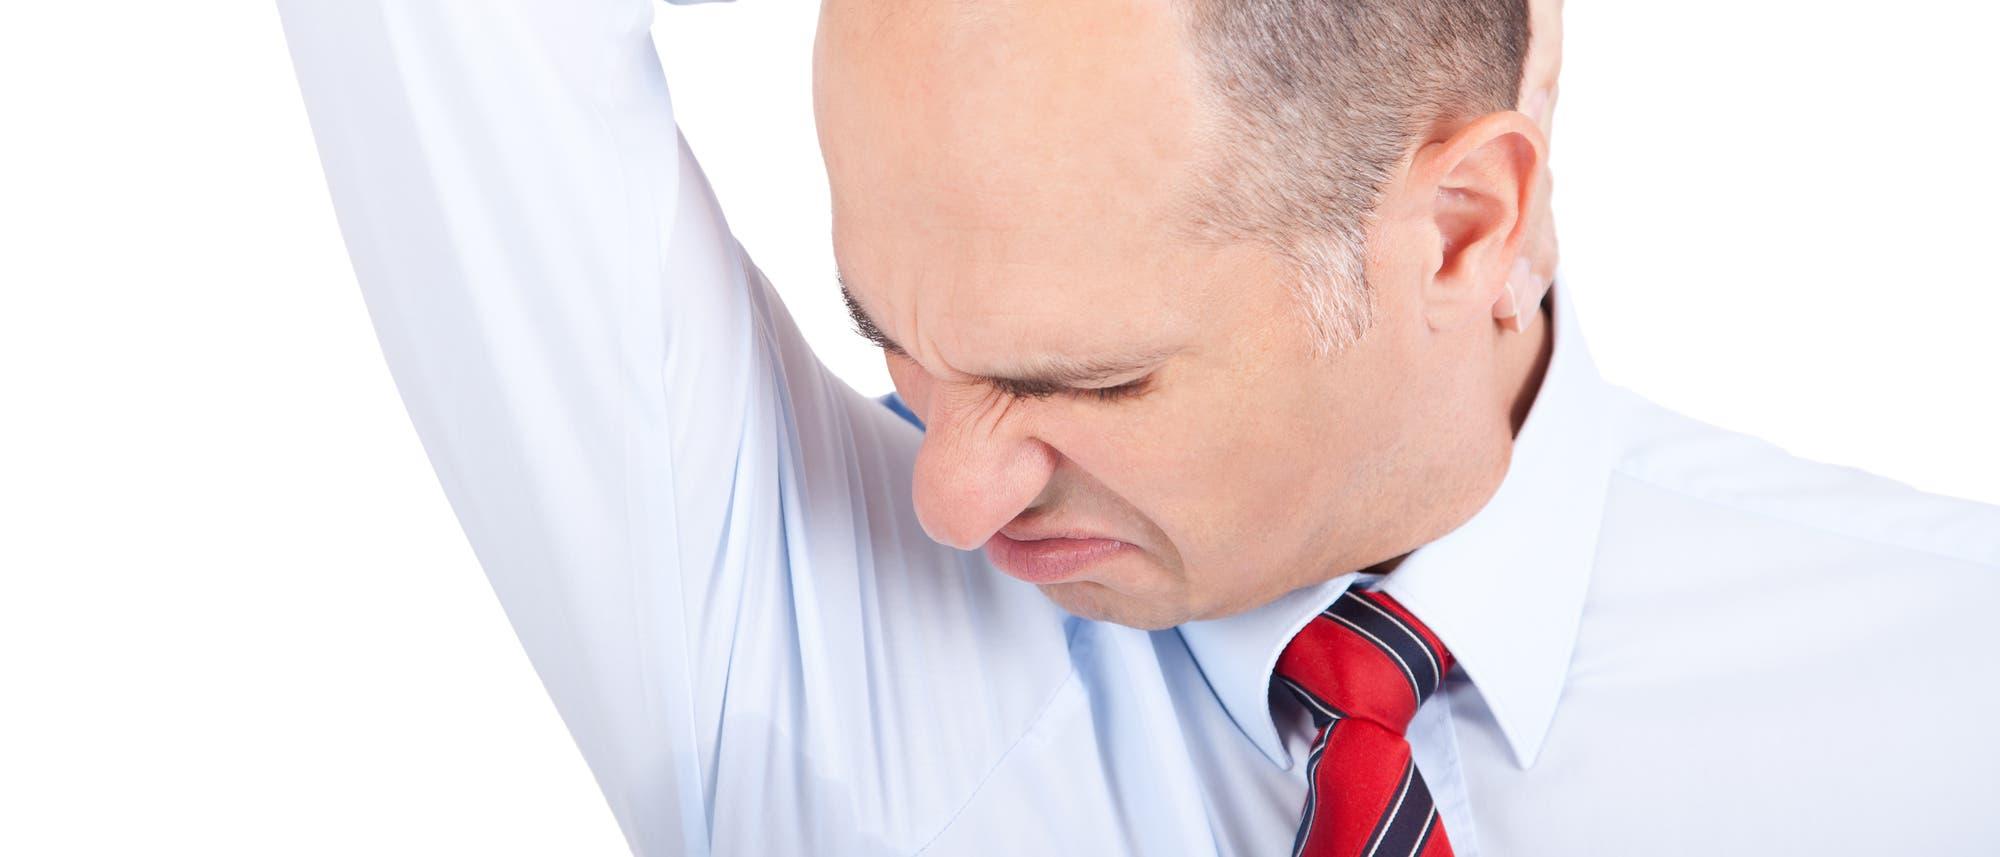 Ein älterer Herr im Anzug riecht am Schweißfleck in seiner Achselhöhle. Idealerweise dorgt er dann dafür, dass wir es nicht müssen.